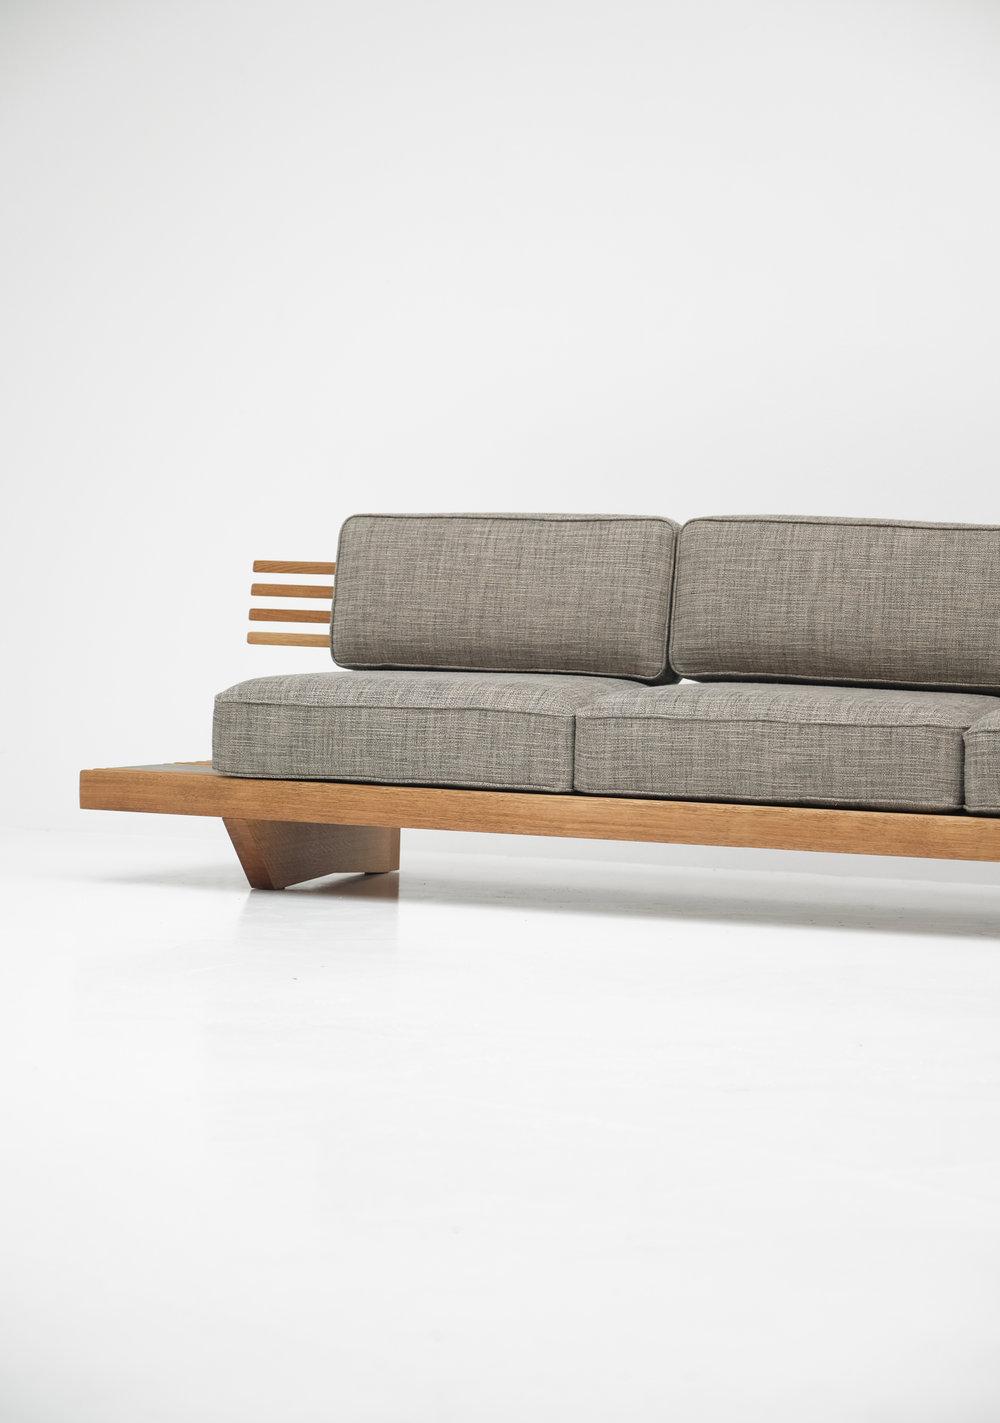 Lenz Vermeulen & Alexandre Lowie - Japanese Bench